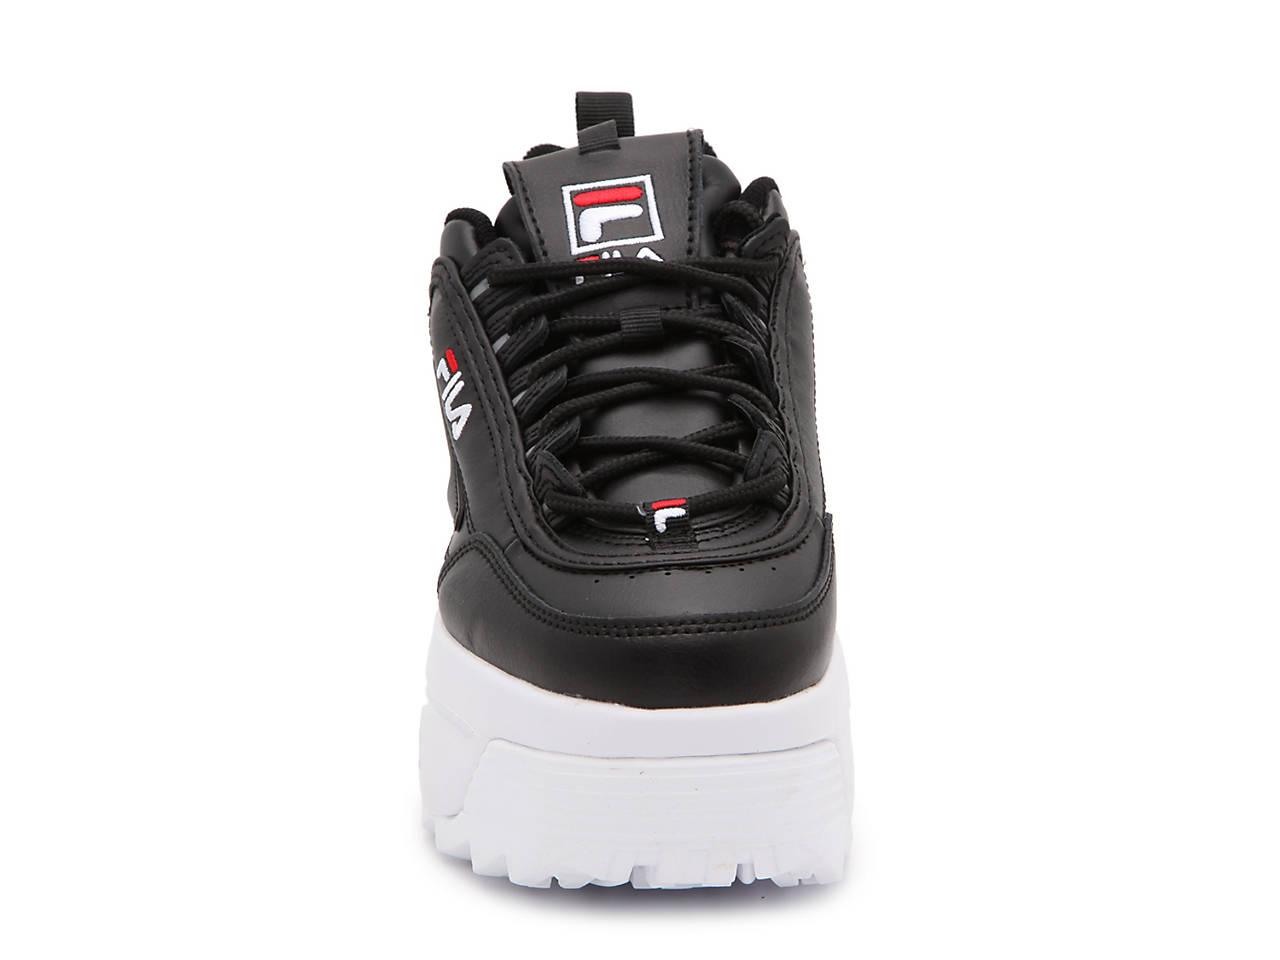 Fila Disruptor II Wedge Sneaker Women's Women's Shoes DSW  DSW